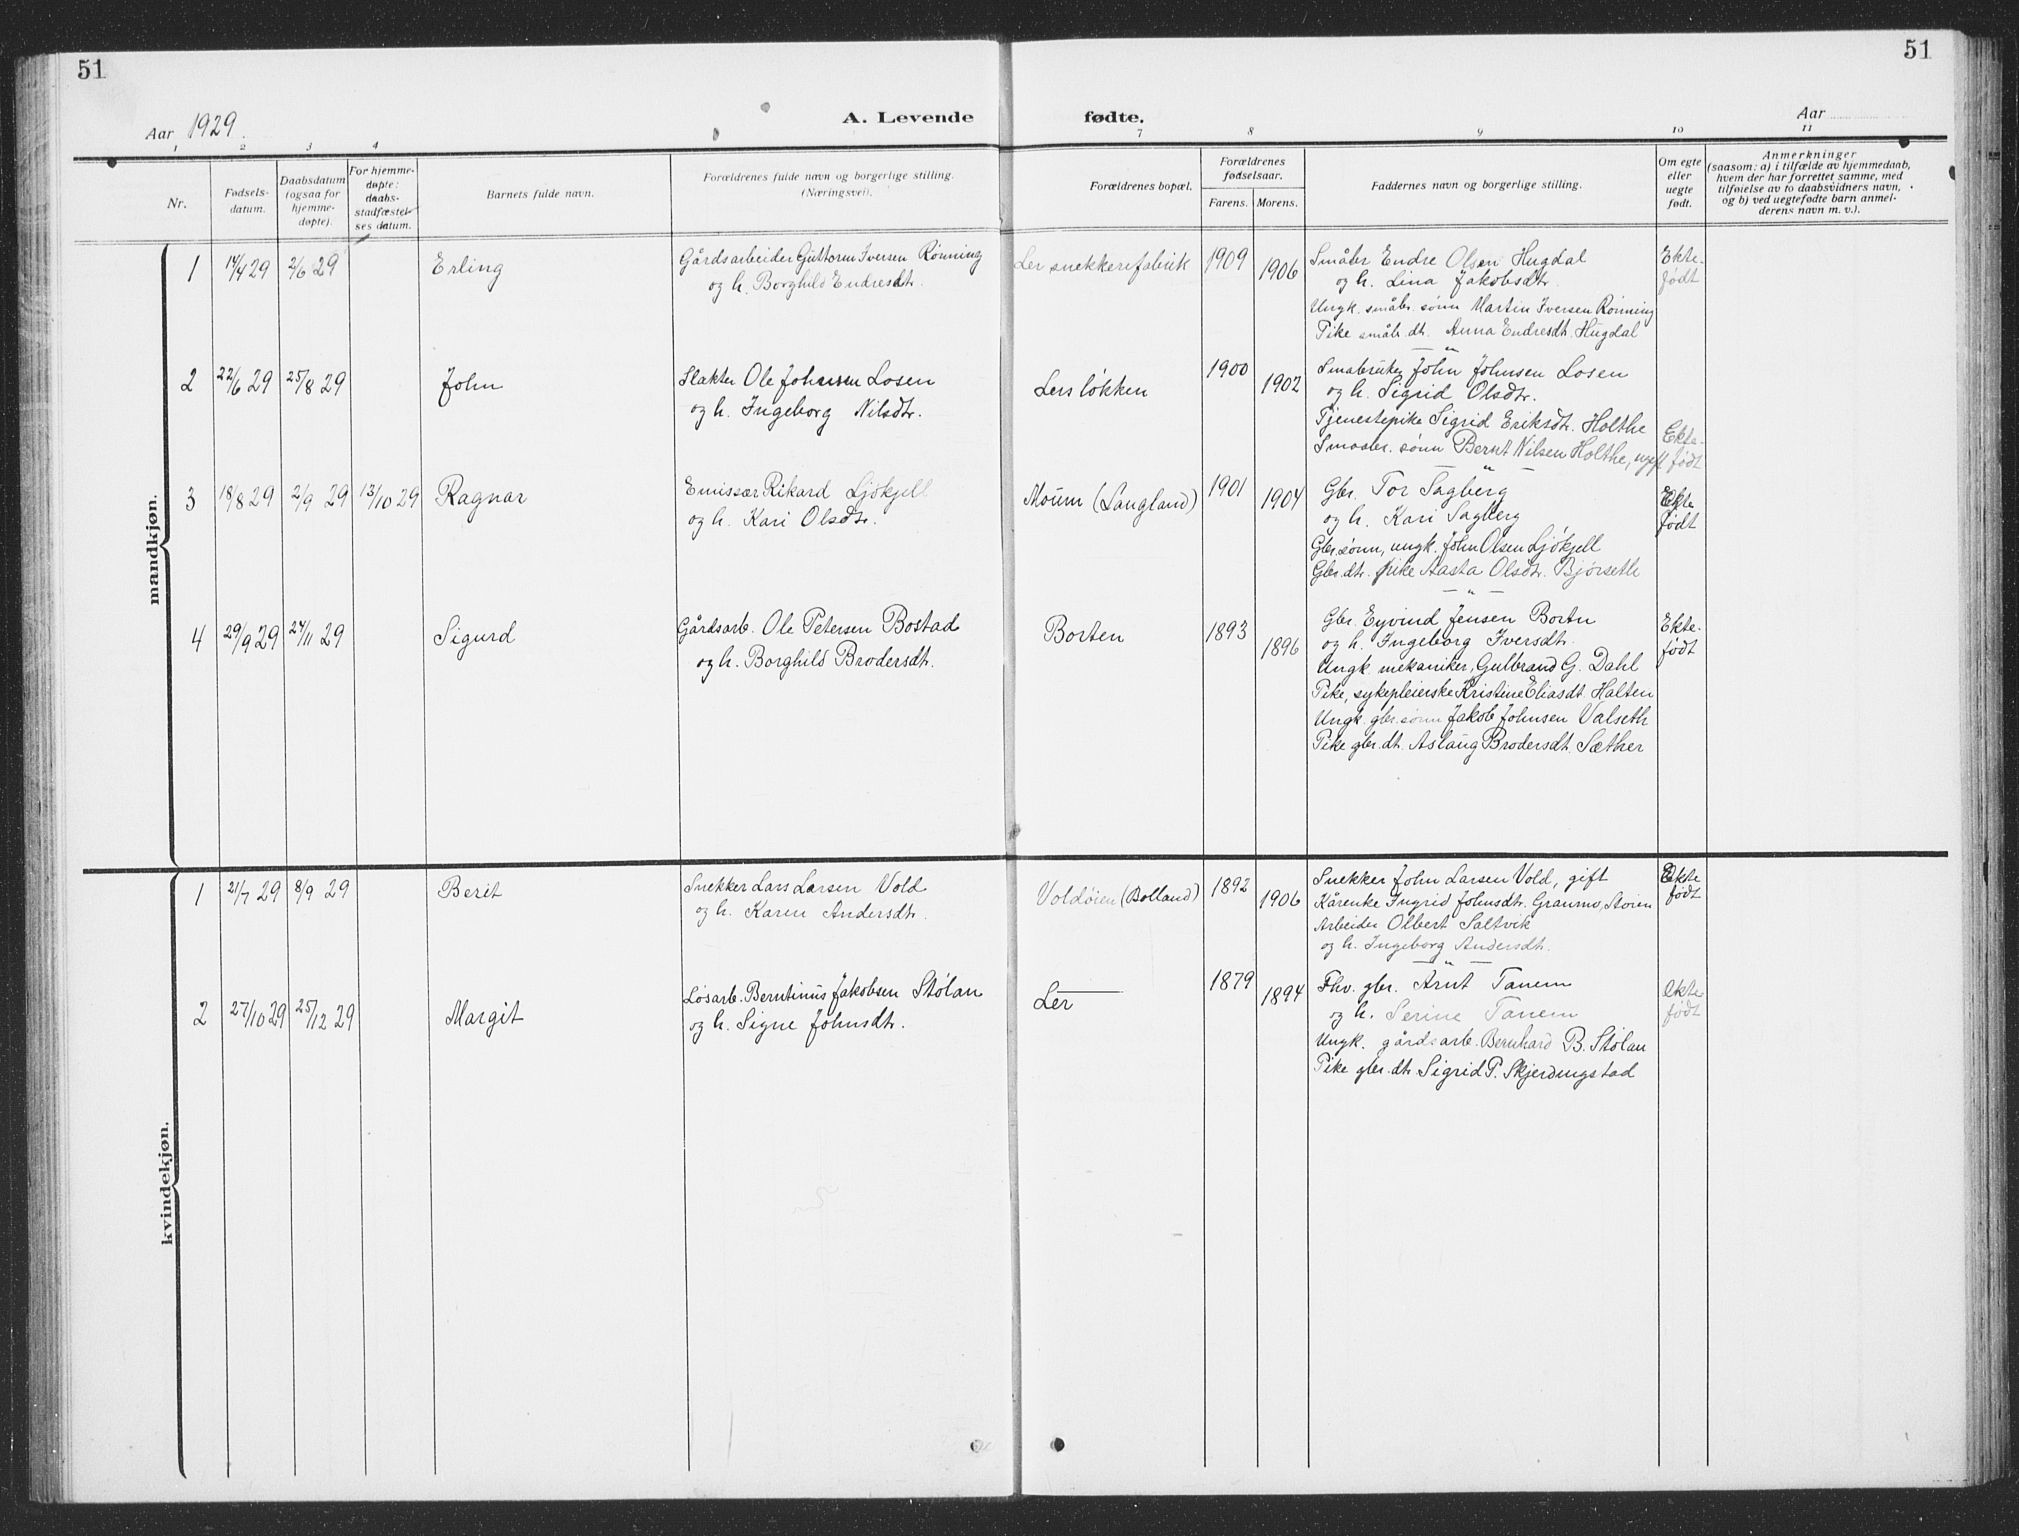 SAT, Ministerialprotokoller, klokkerbøker og fødselsregistre - Sør-Trøndelag, 693/L1124: Klokkerbok nr. 693C05, 1911-1941, s. 51